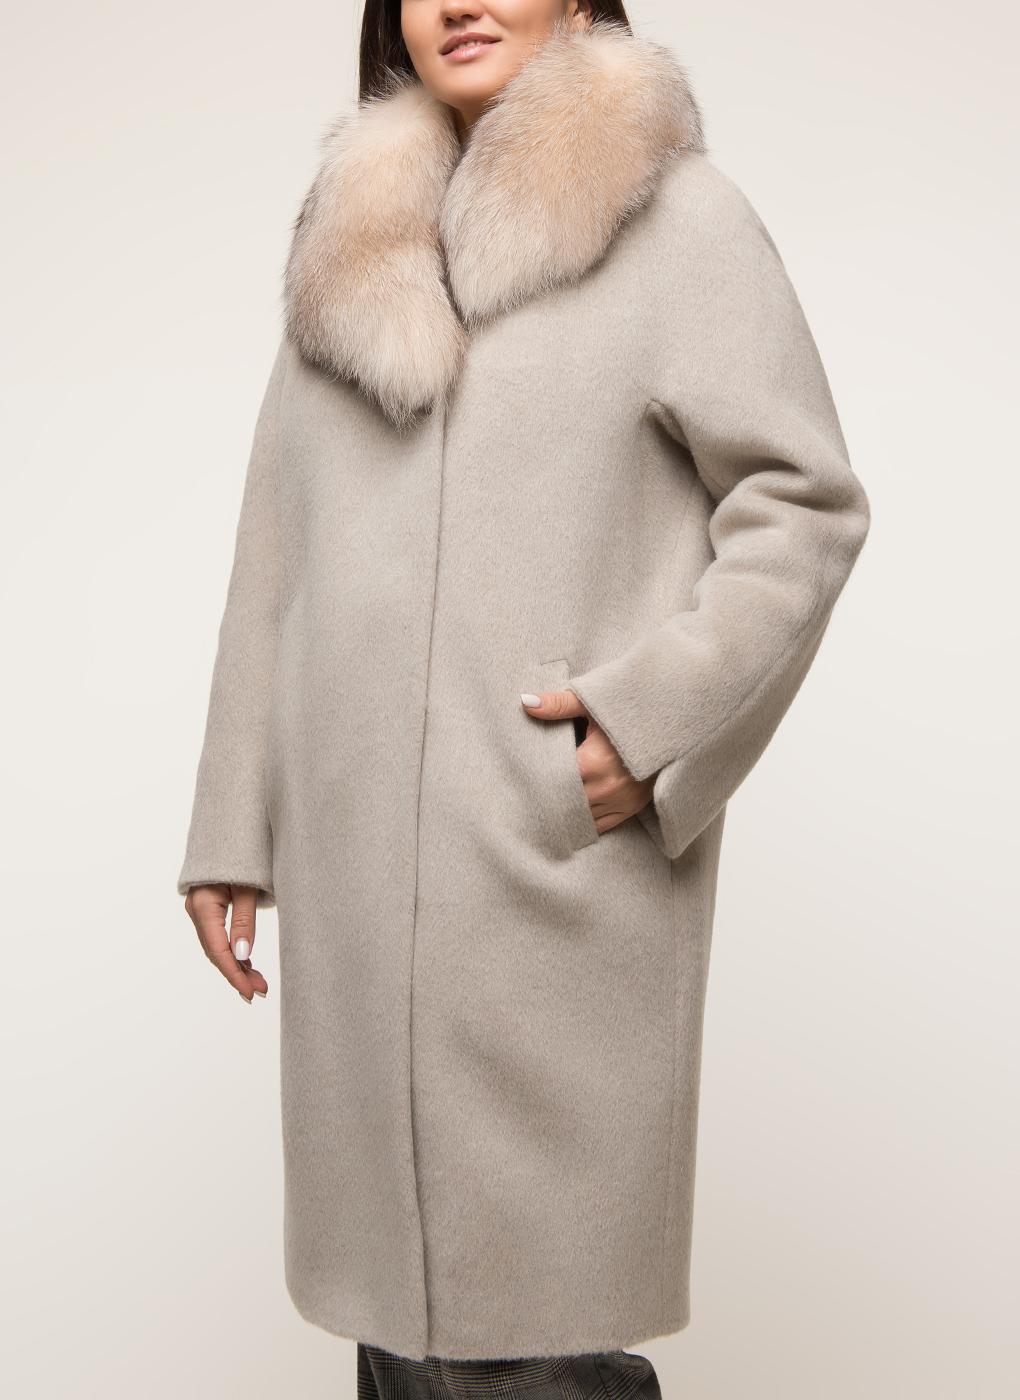 Пальто шерстяное 93, Bella Collection фото